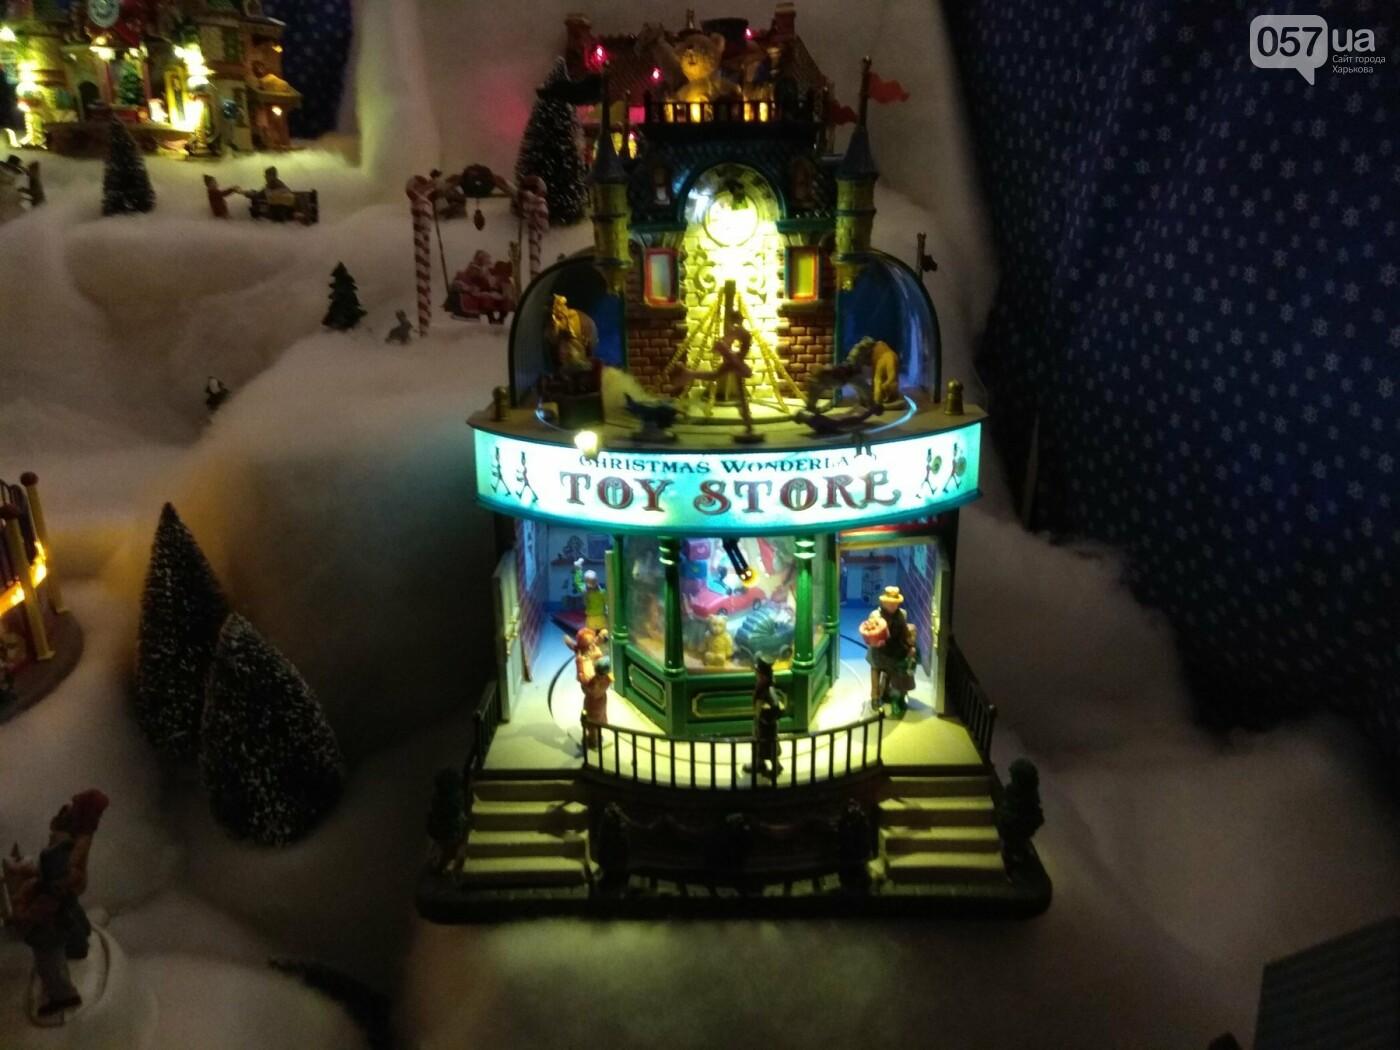 Фабрика елочных игрушек под Киевом. Куда харьковчане могут поехать на выходных, - ФОТО, фото-16